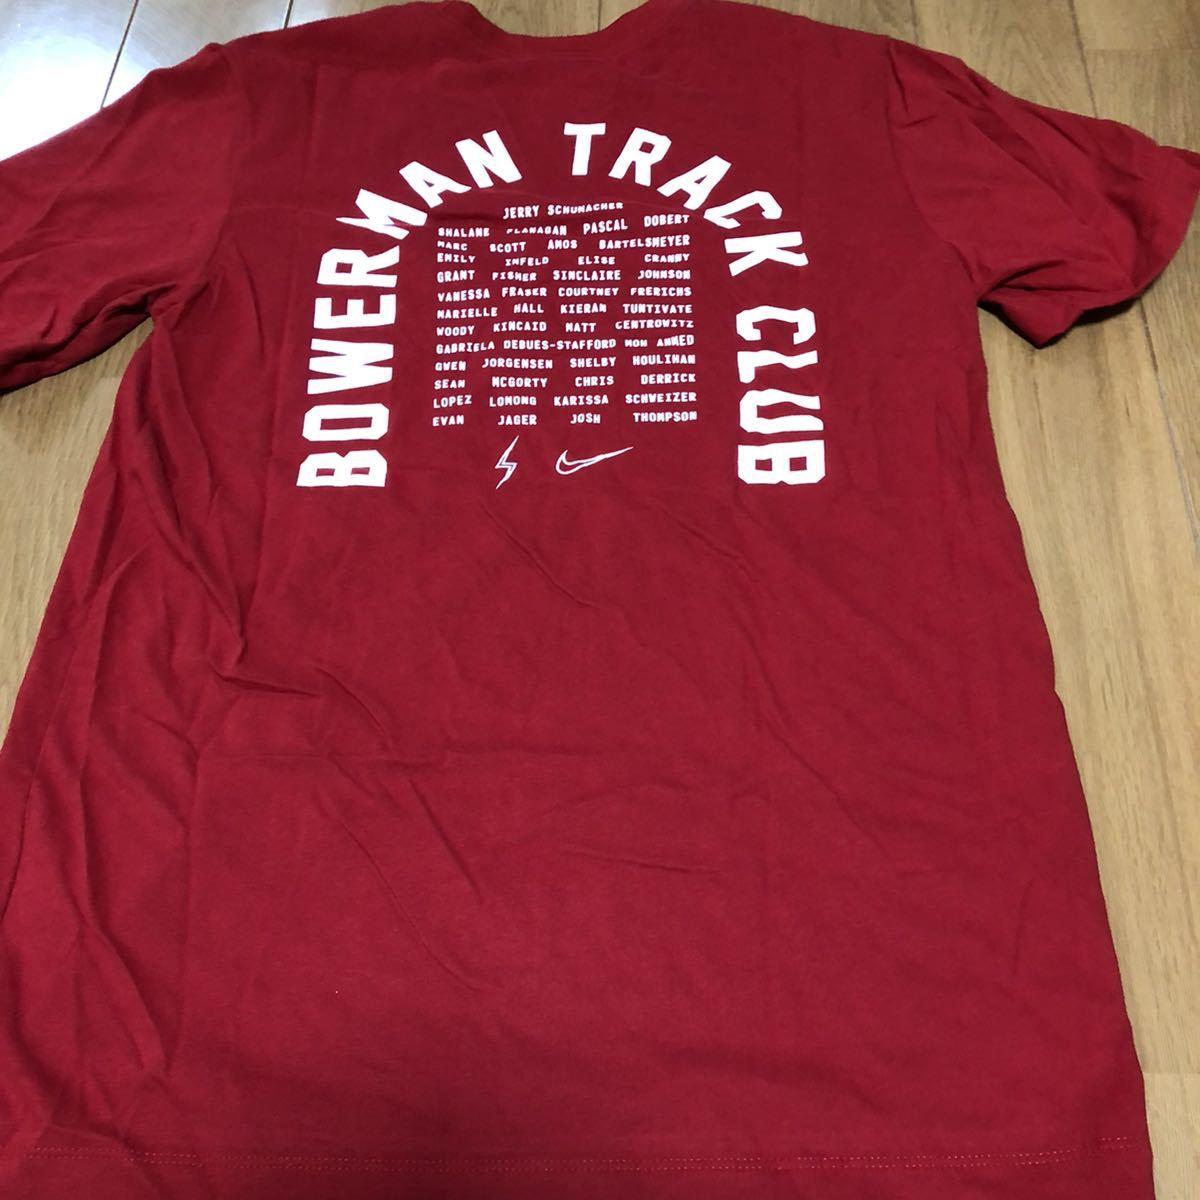 NIKE ナイキ Bowerman track club バウワーマントラック 赤 ランニングウェア 半袖Tシャツ ランニング マラソン ジョギング 陸上部